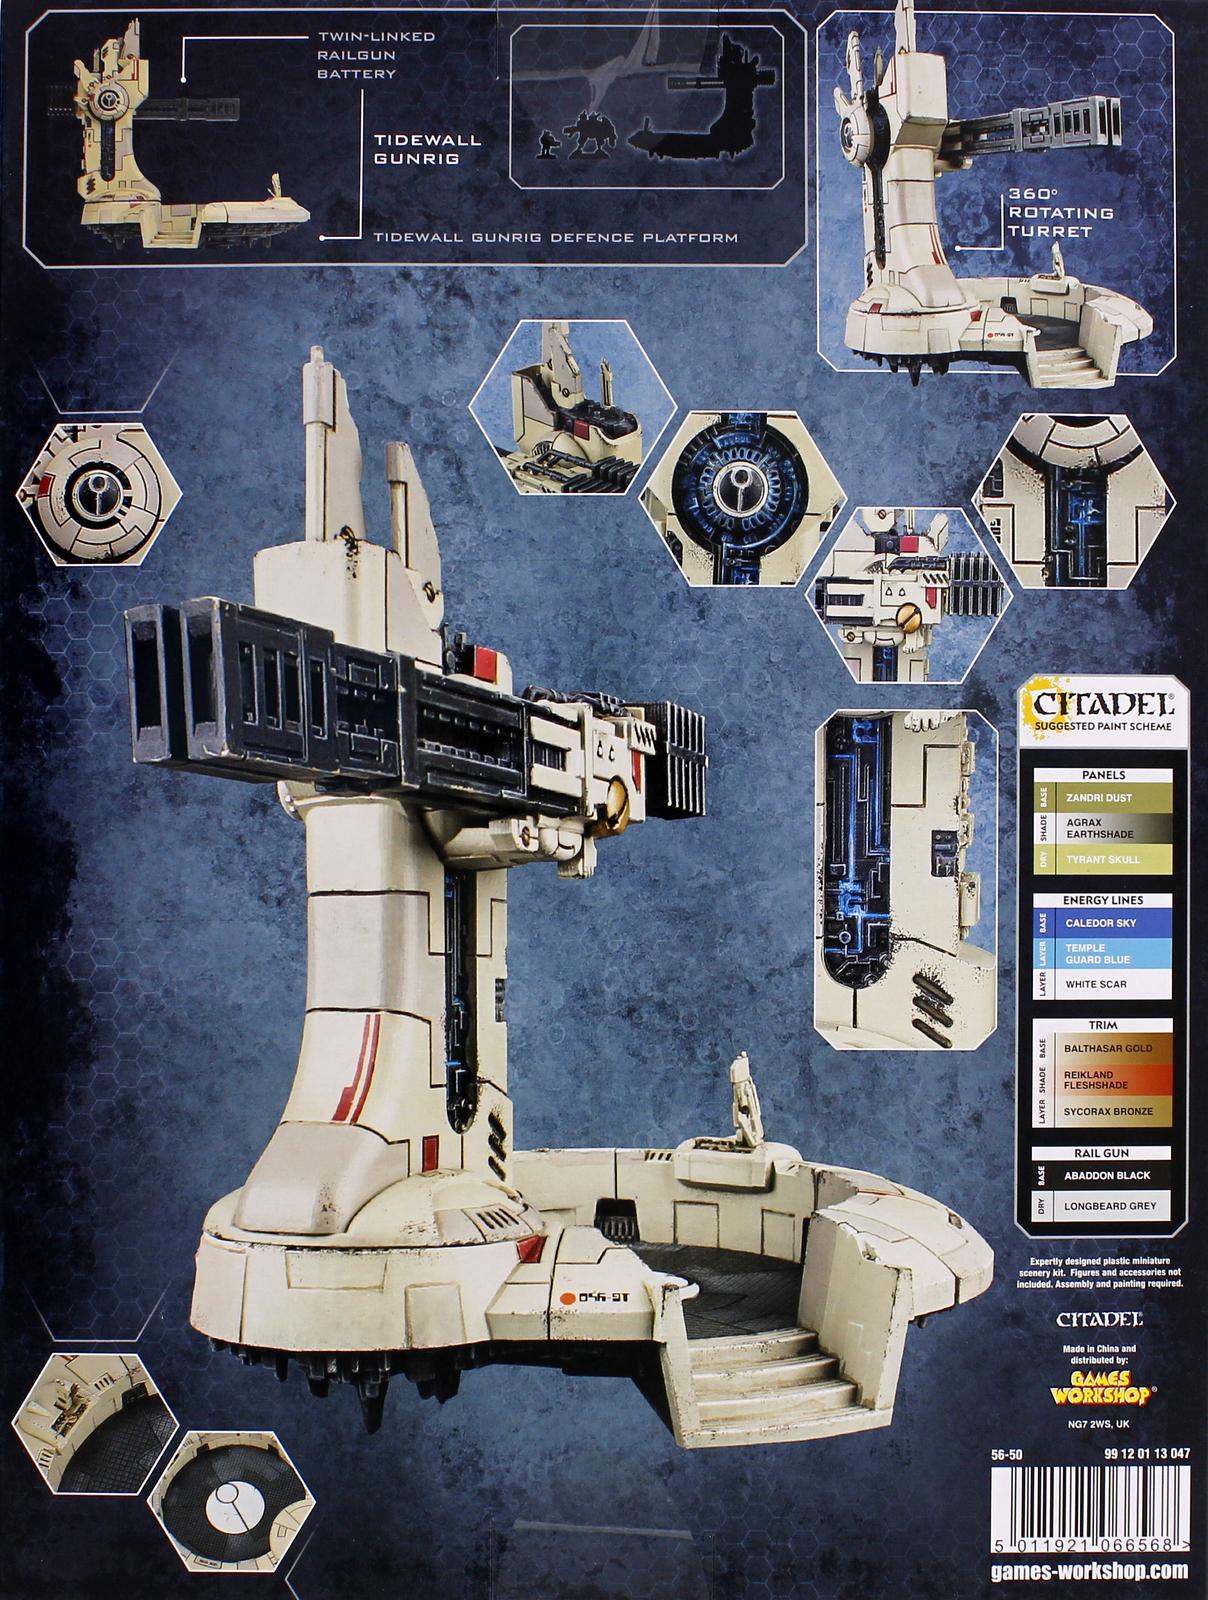 Warhammer 40,000 Tau Empire Tidewall Gunrig image